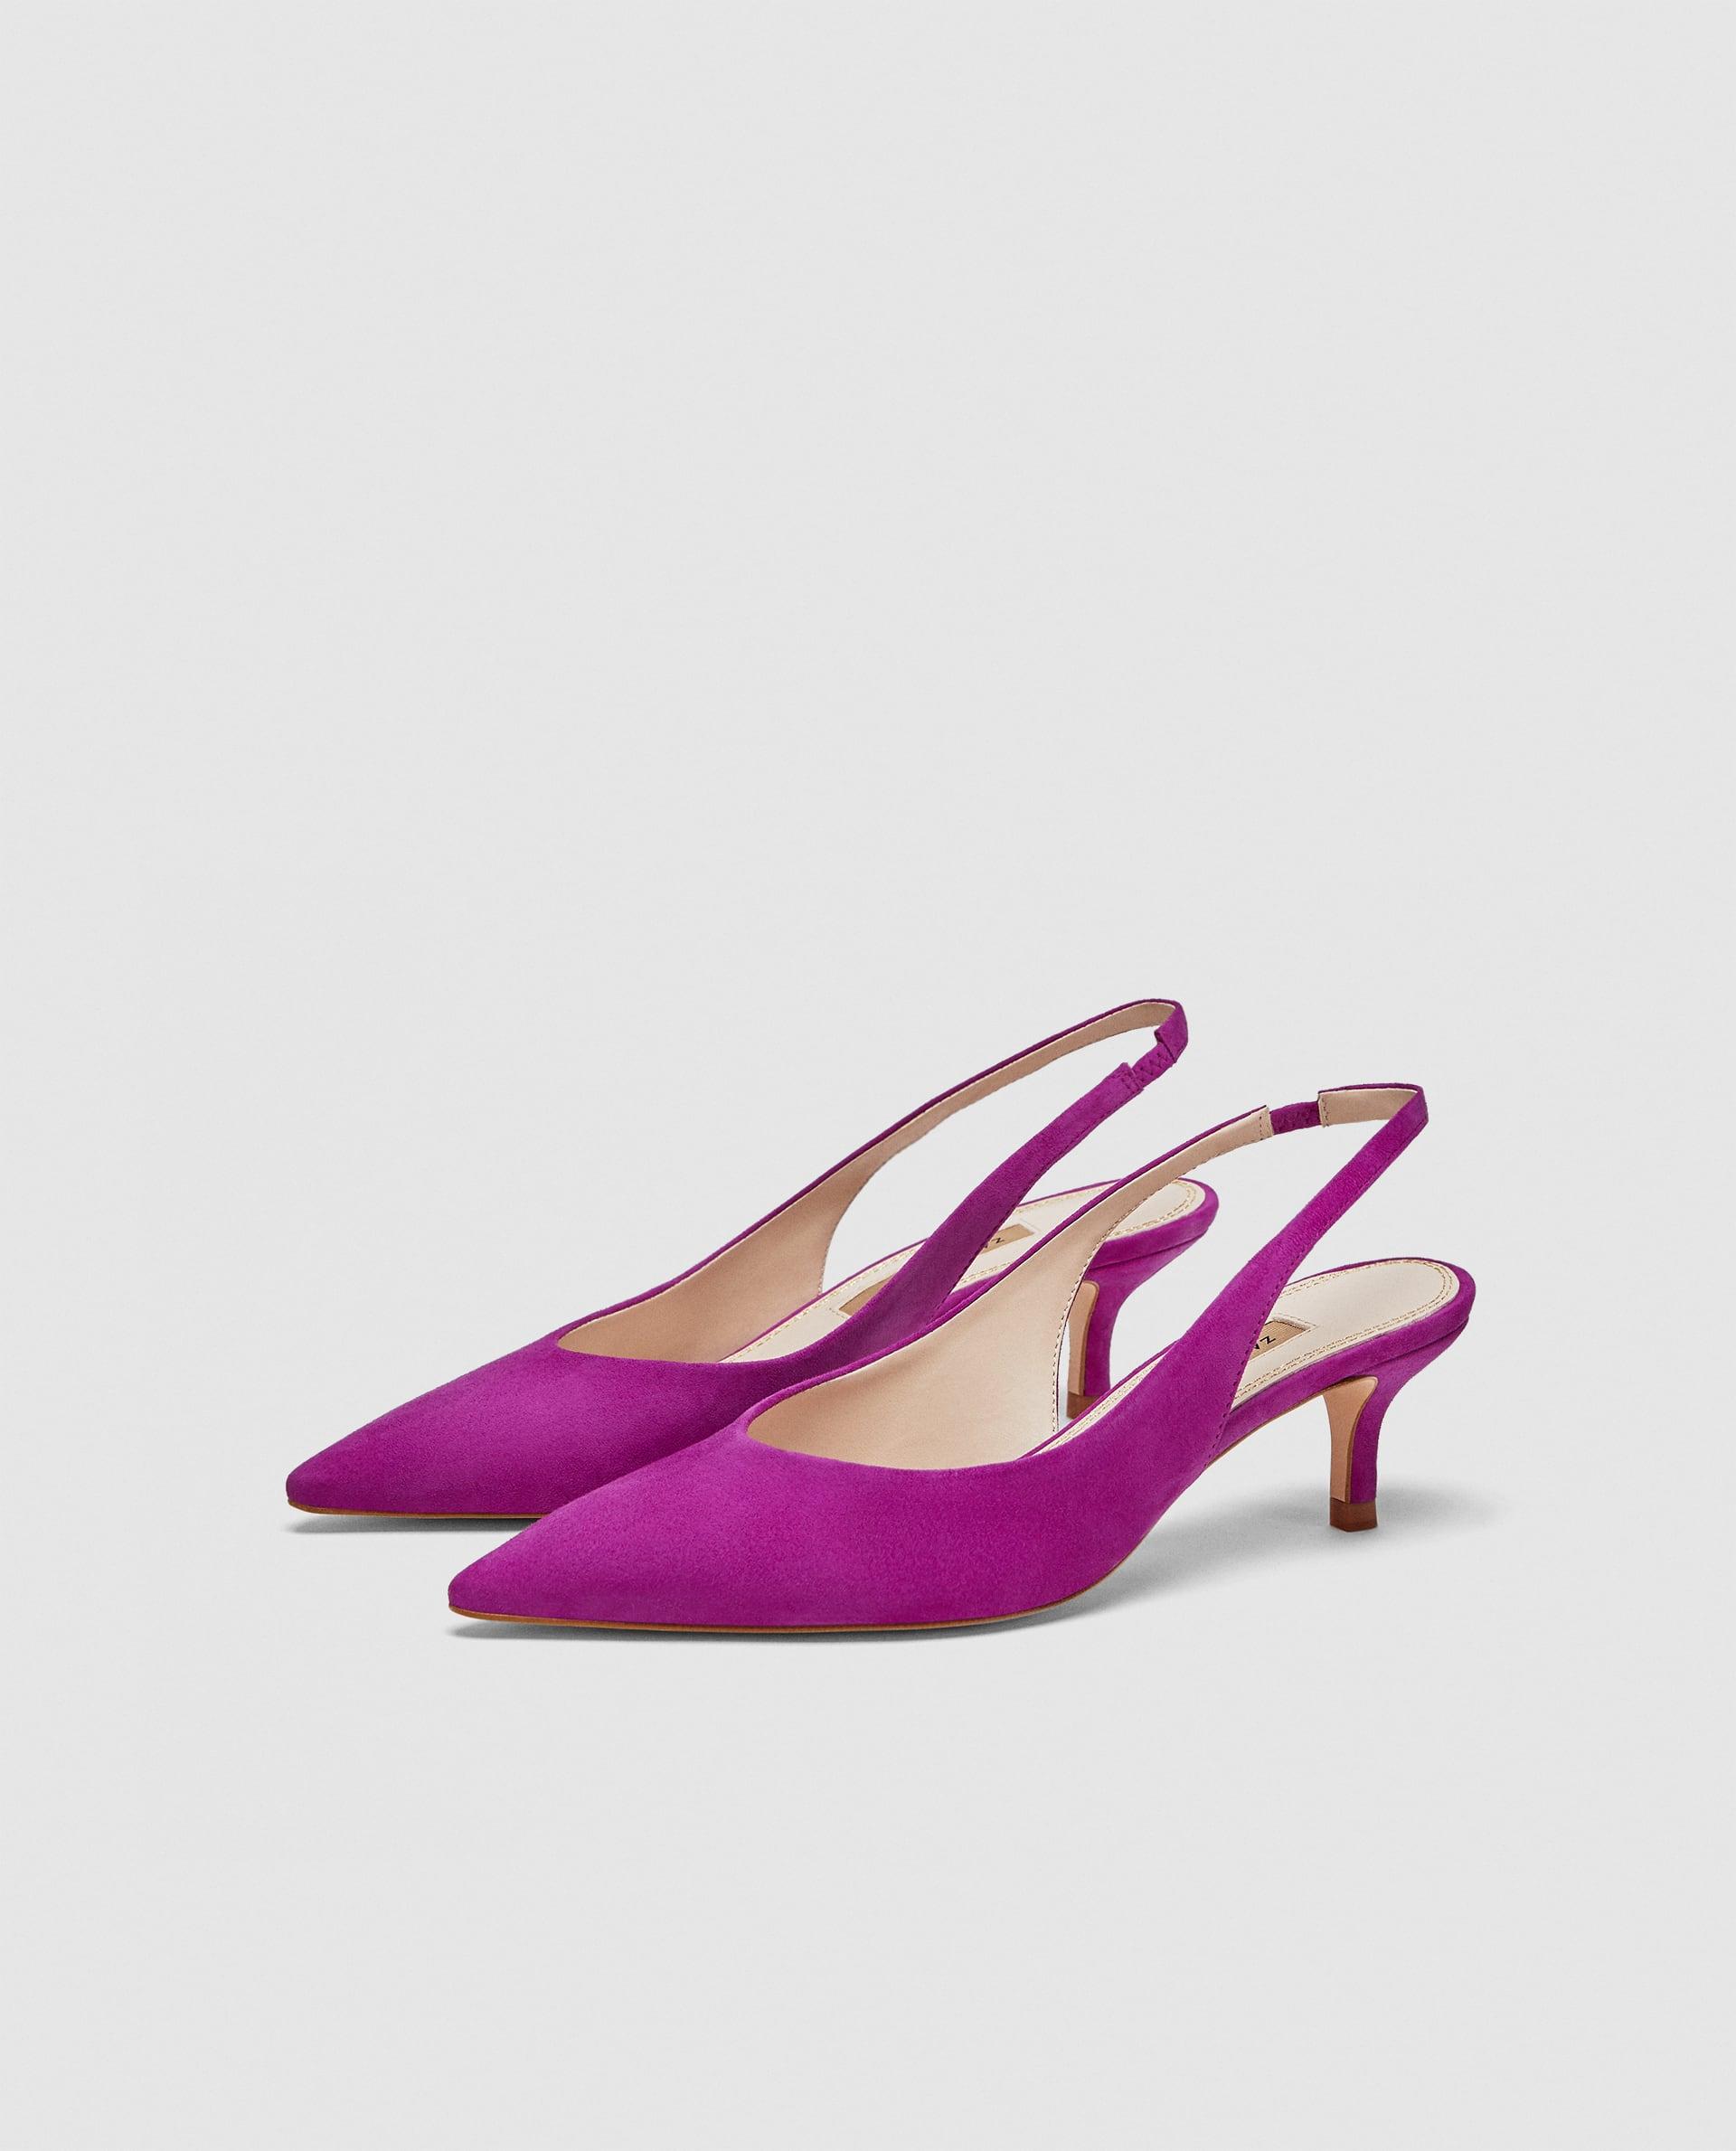 11 đôi giày/sandals Zara tuyệt đẹp bạn nên tham khảo cho mùa hè năm nay